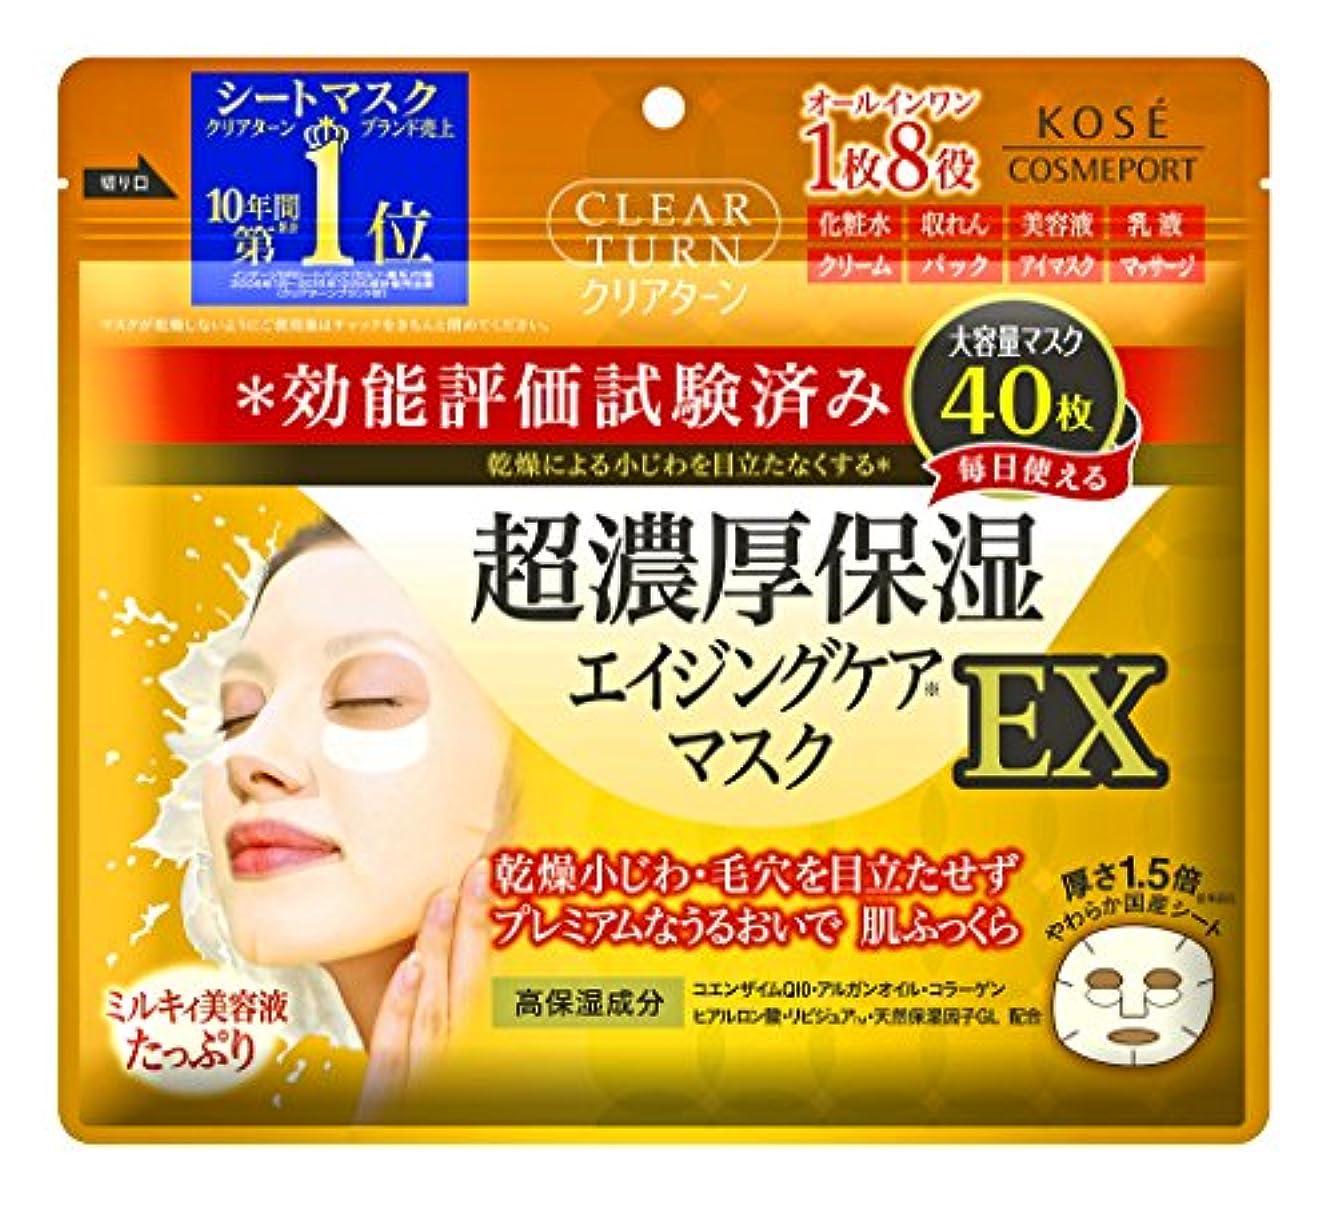 受け皿合理的ベイビーKOSE コーセー クリアターン 超濃厚保湿 フェイスマスク EX 40枚入